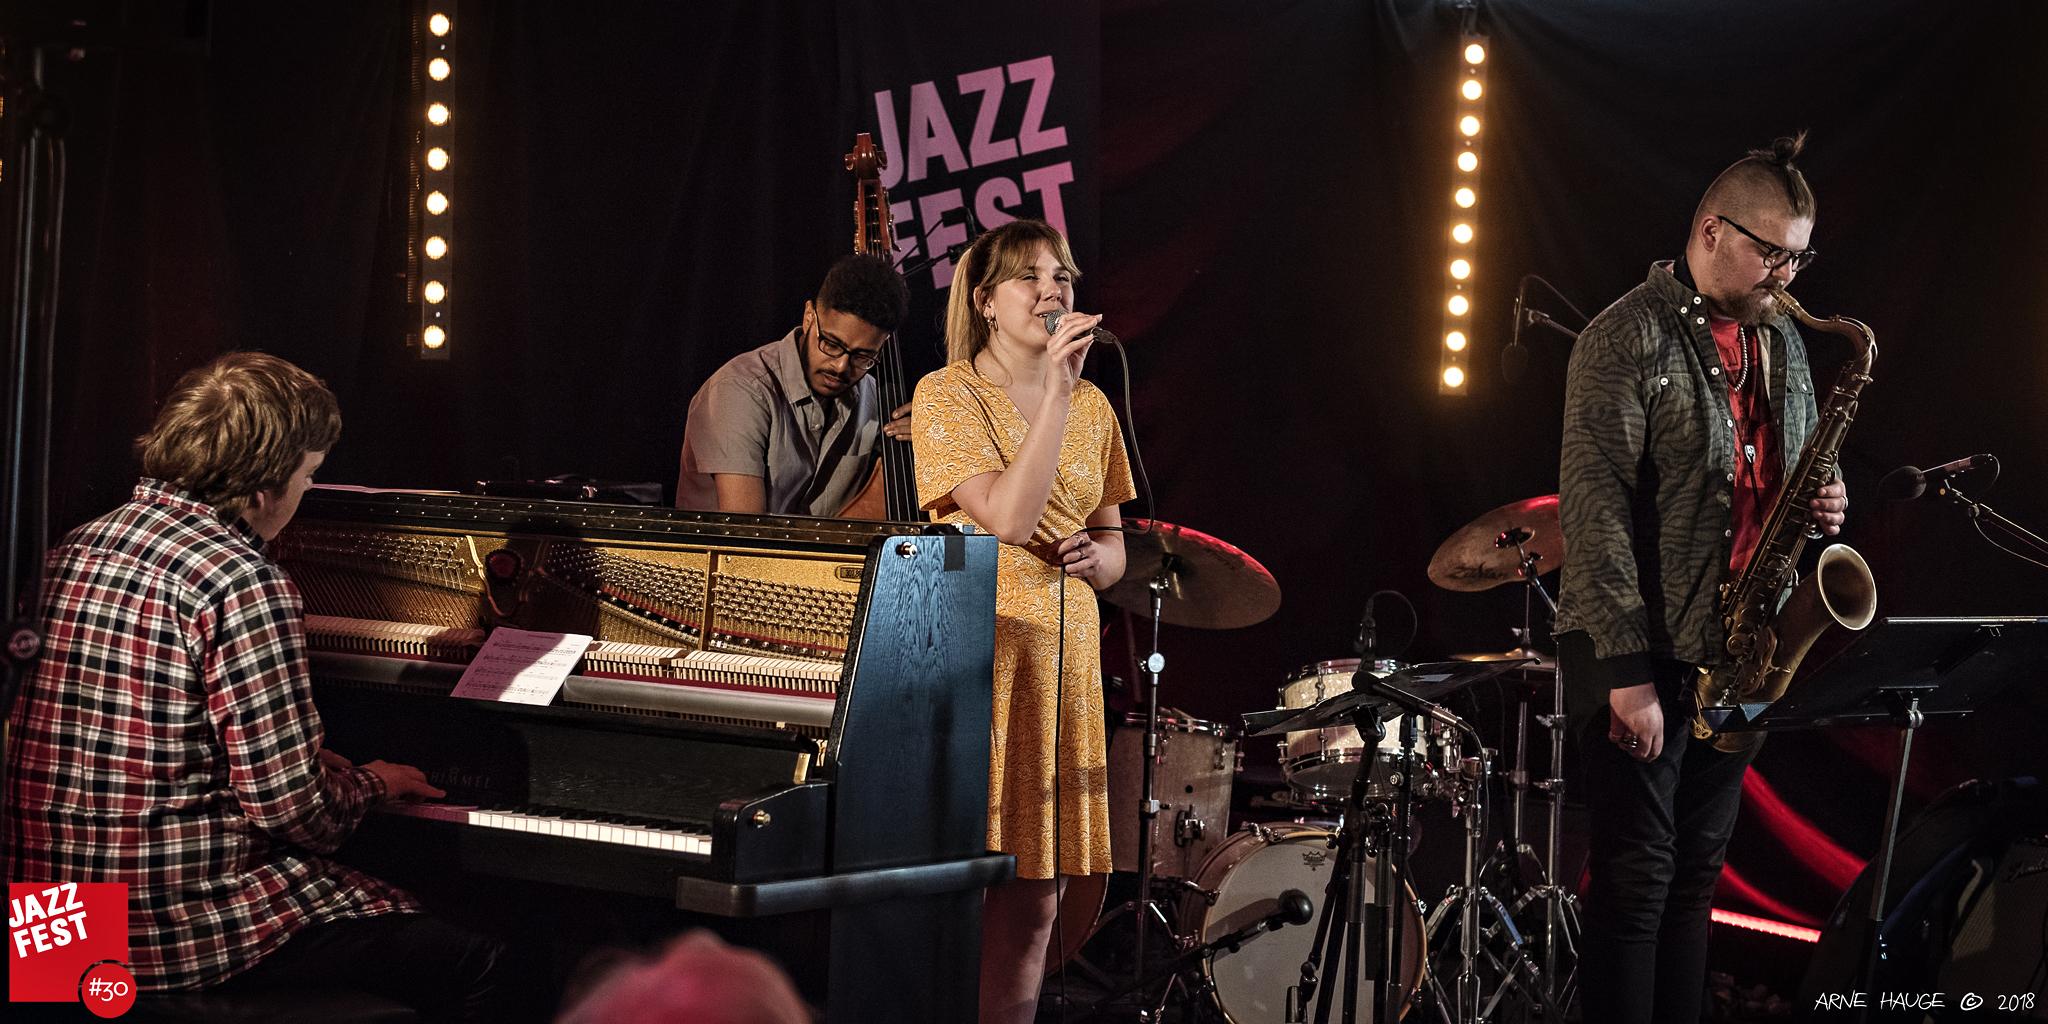 180512_Cheltenham Trondheim Jazz Exchange - Ensemble 1_TMP_001.jpg